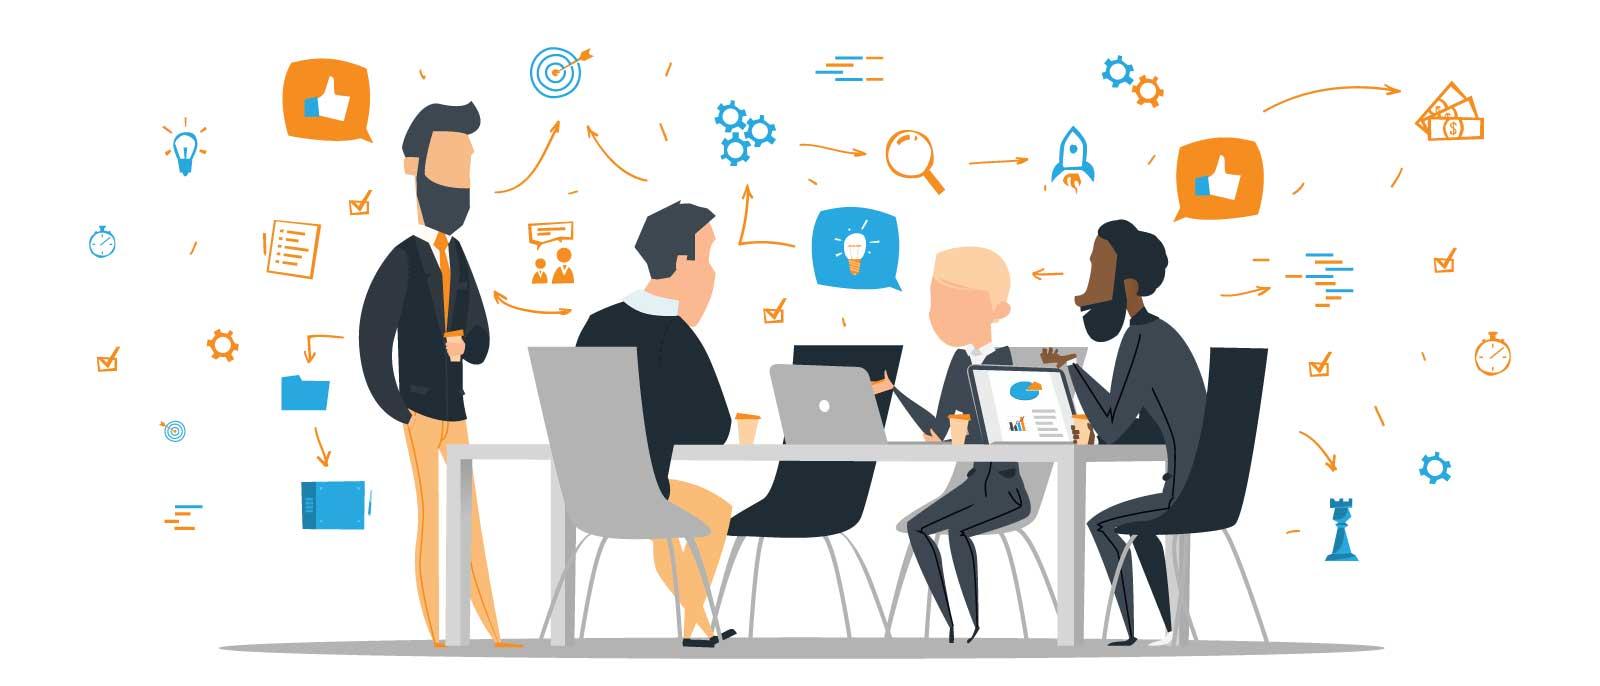 Mint-Media-Solutions-Digital-Marketing-Services-Internship-Program-Agency